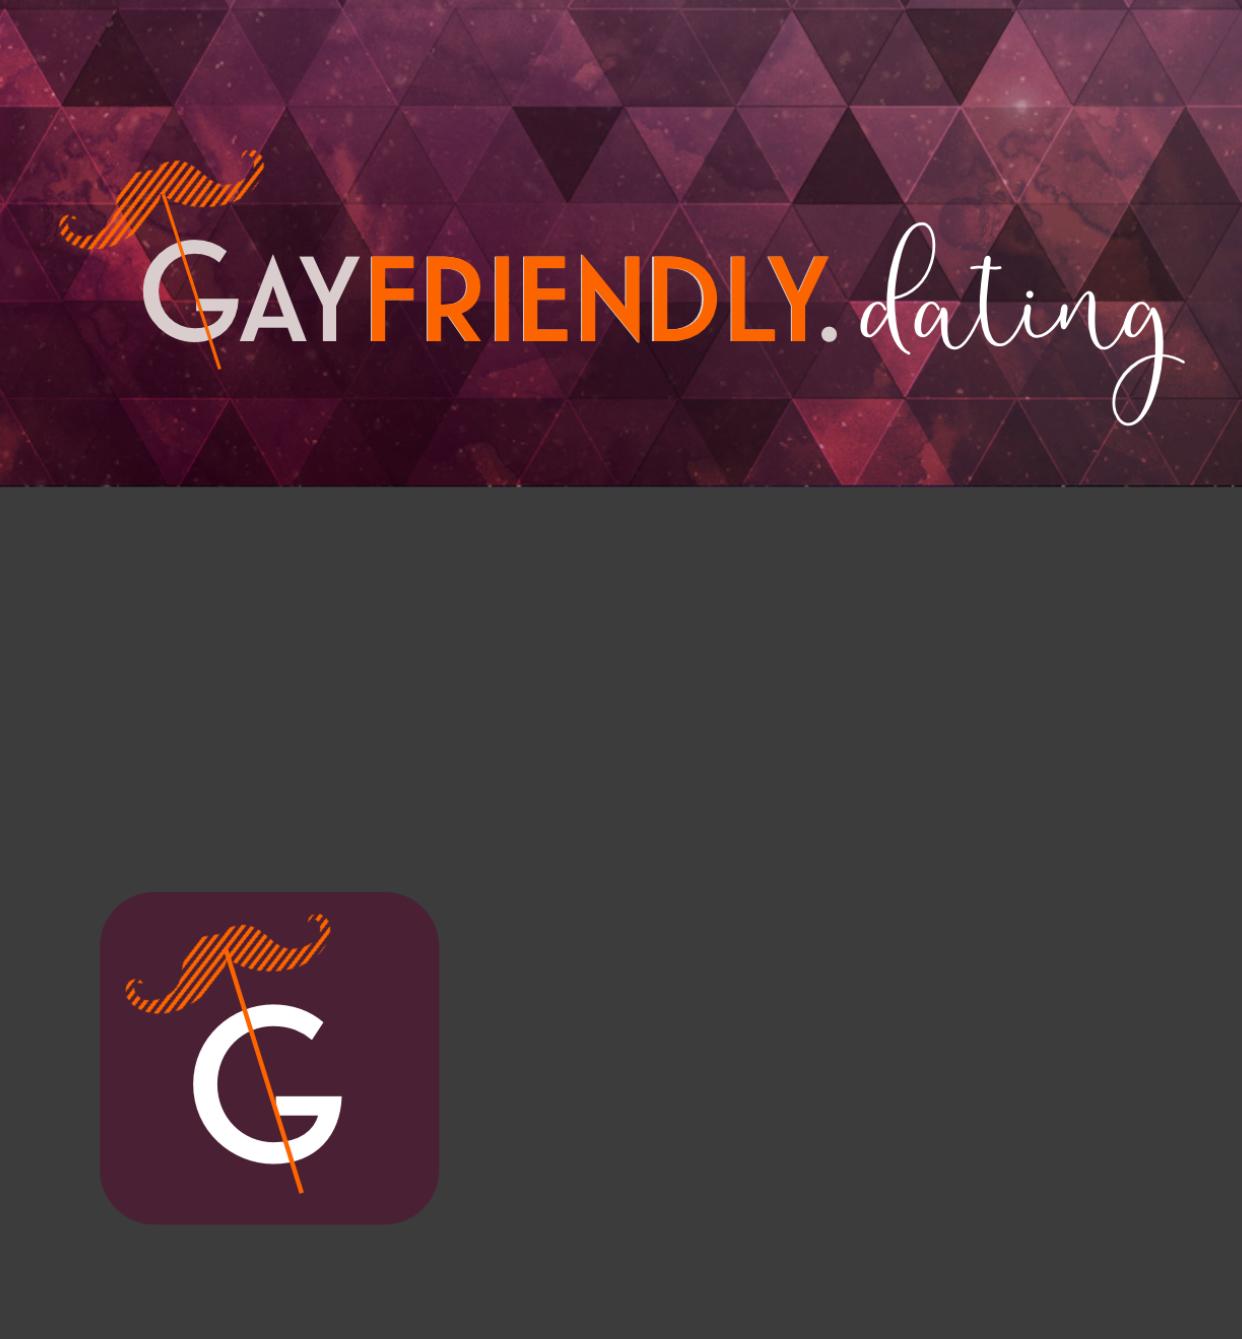 Разработать логотип для англоязычн. сайта знакомств для геев фото f_8455b523cdd995df.jpg